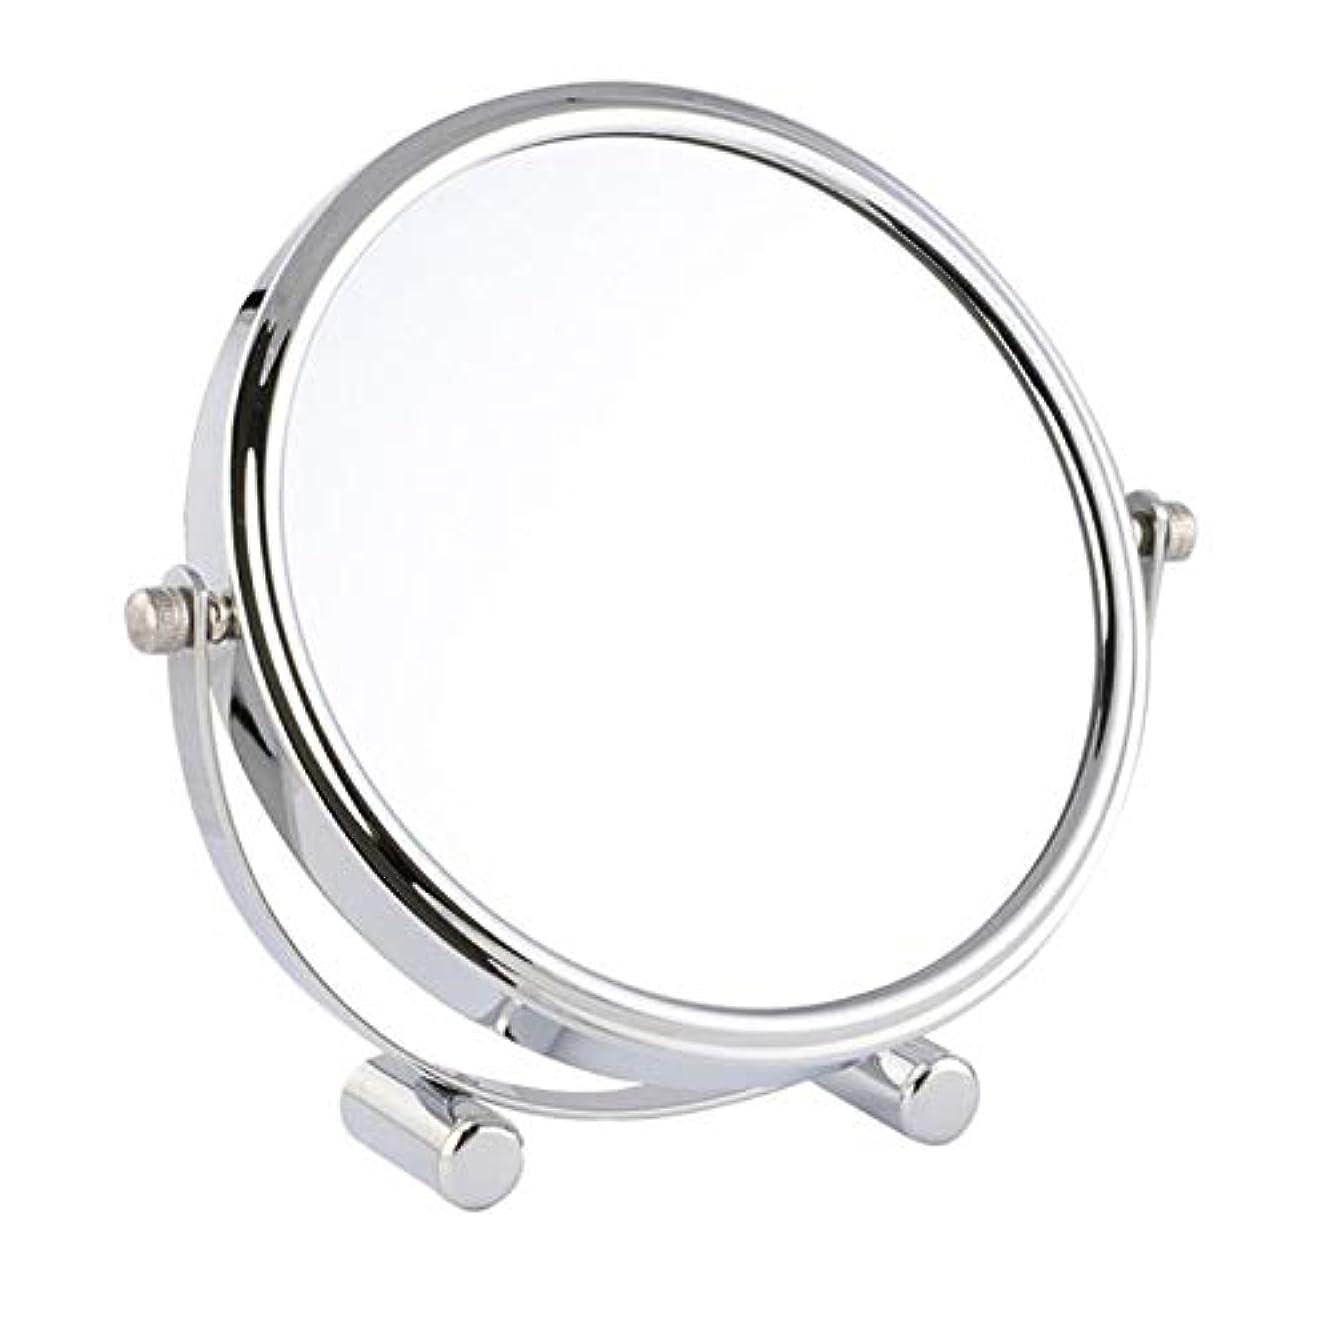 魔女農場お母さん化粧鏡 女優ミラー けメイクミラー スタンドミラー 卓上鏡 化粧道具 両面鏡 片面2倍 拡大鏡 360度回転 鏡面直径17cm